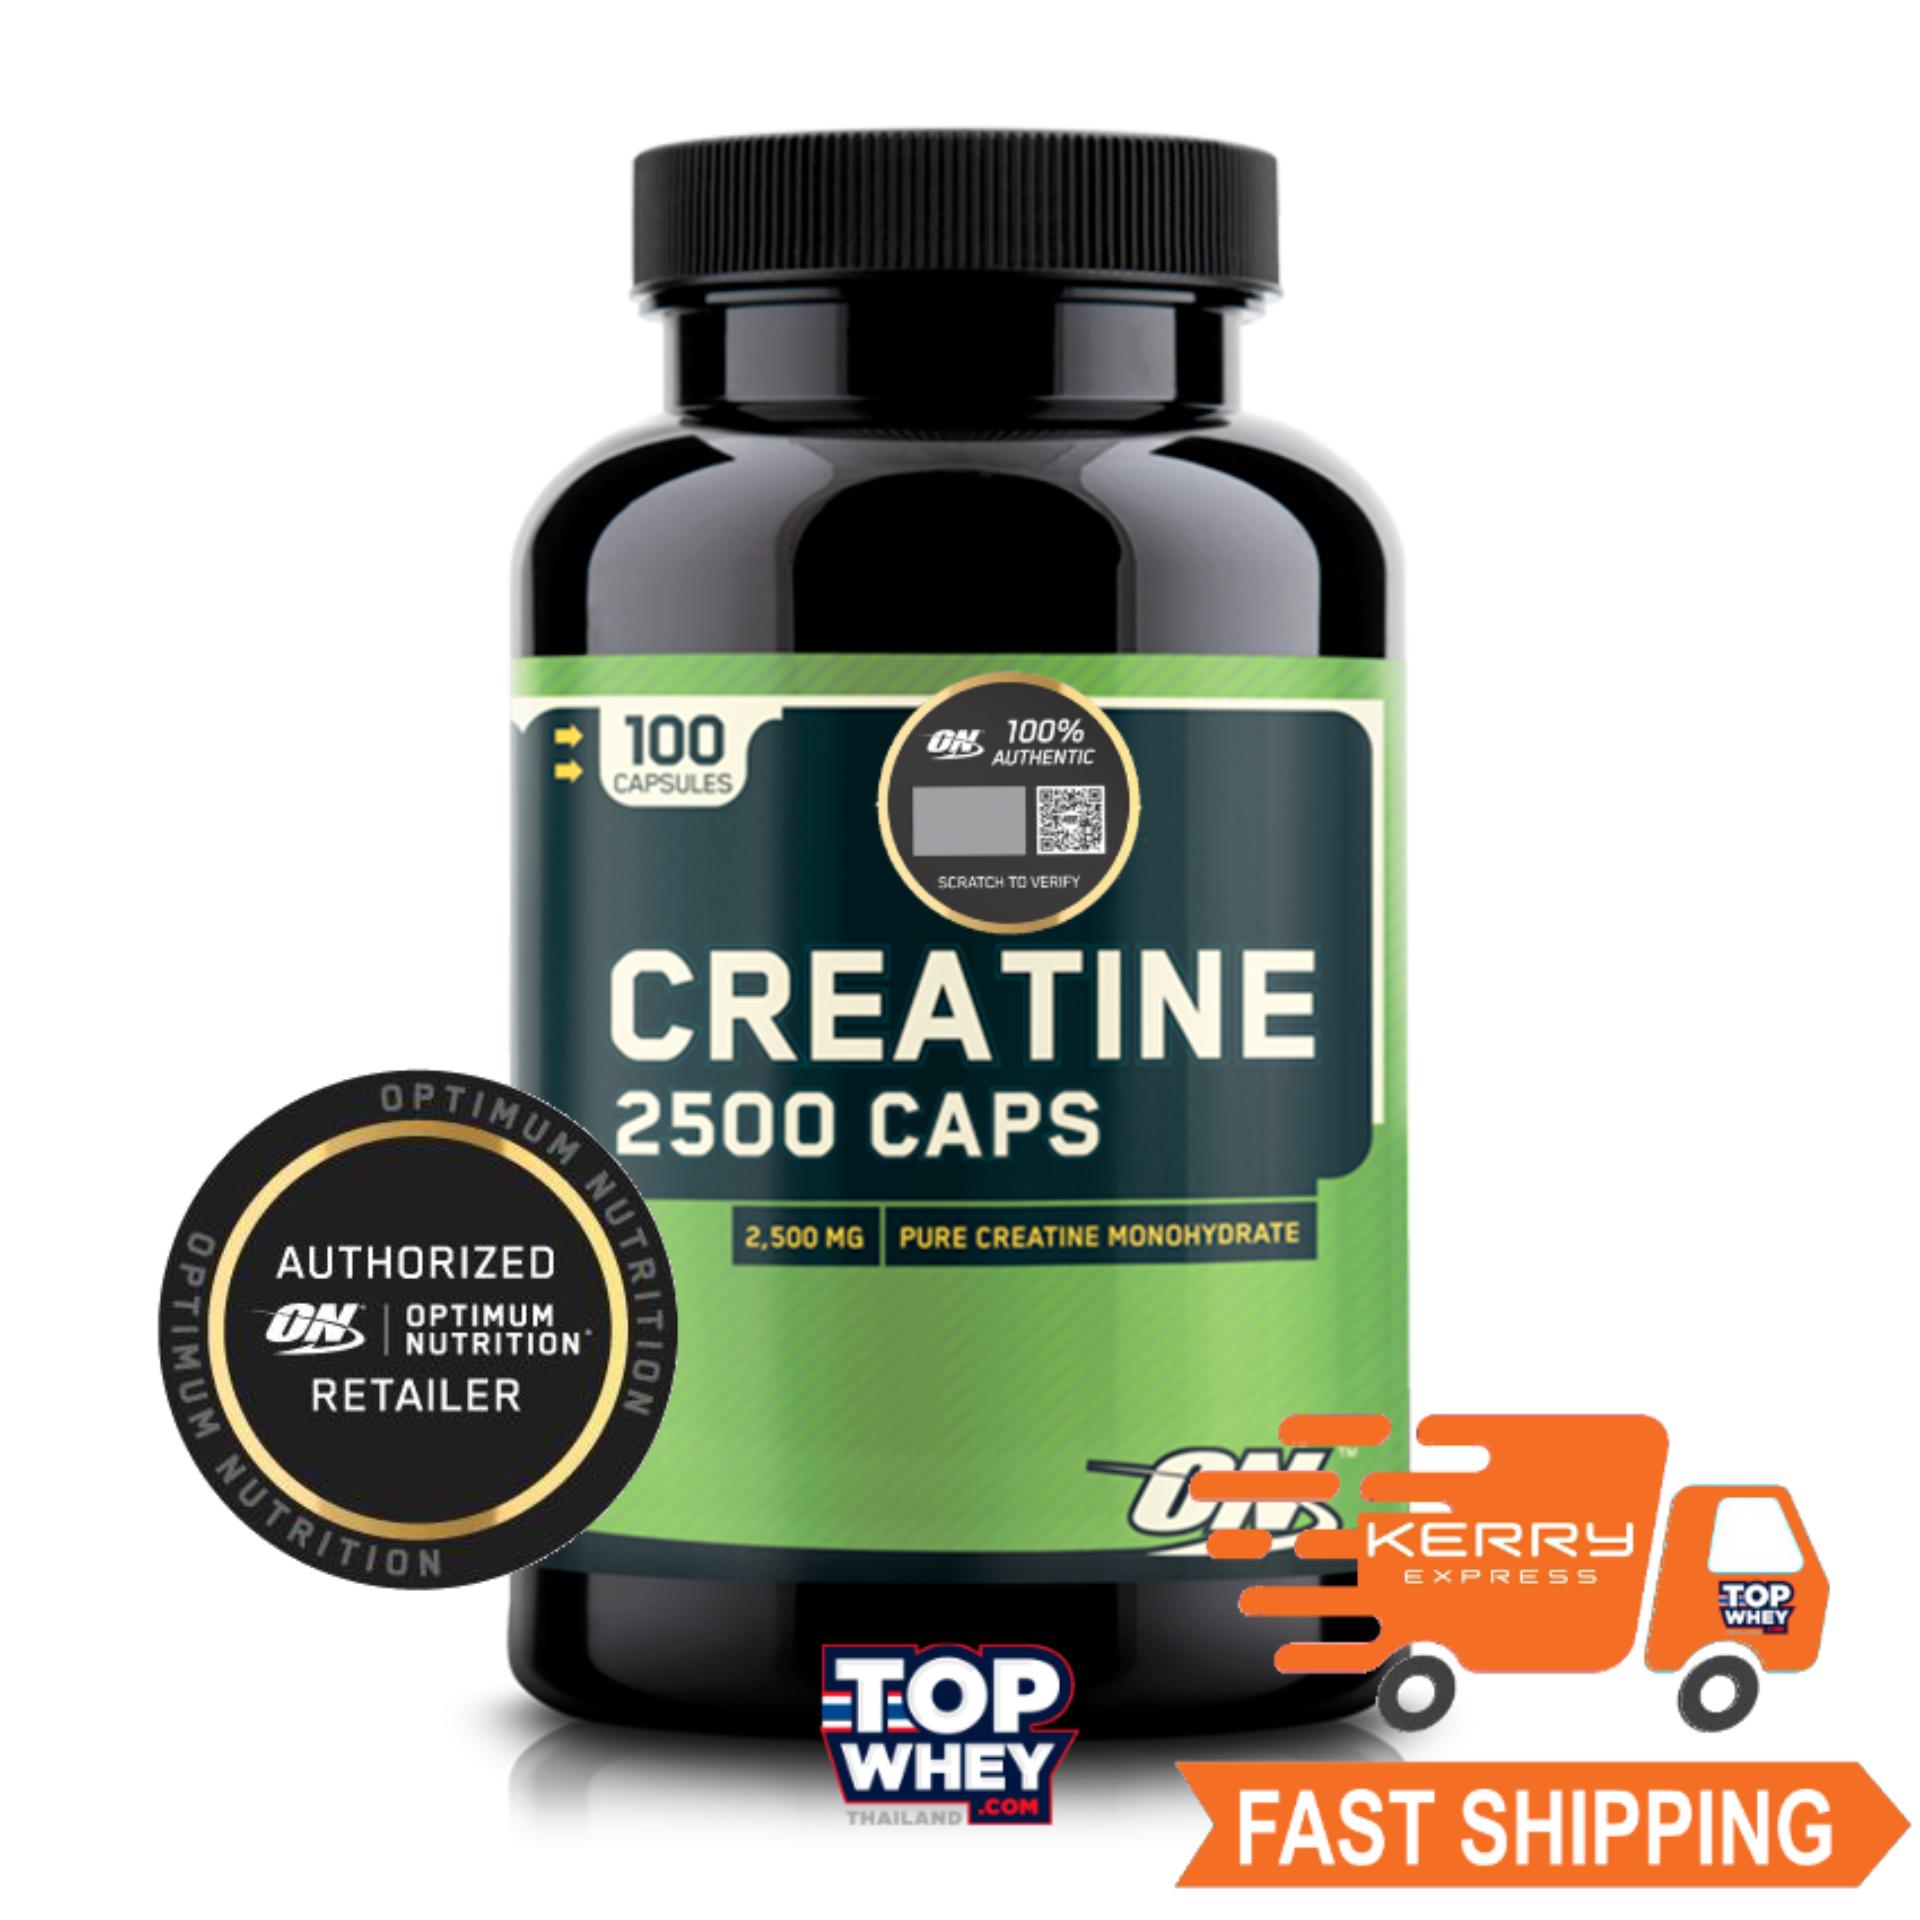 Optimum Nutrition Creatine 2500 Capsules - 100 Caps